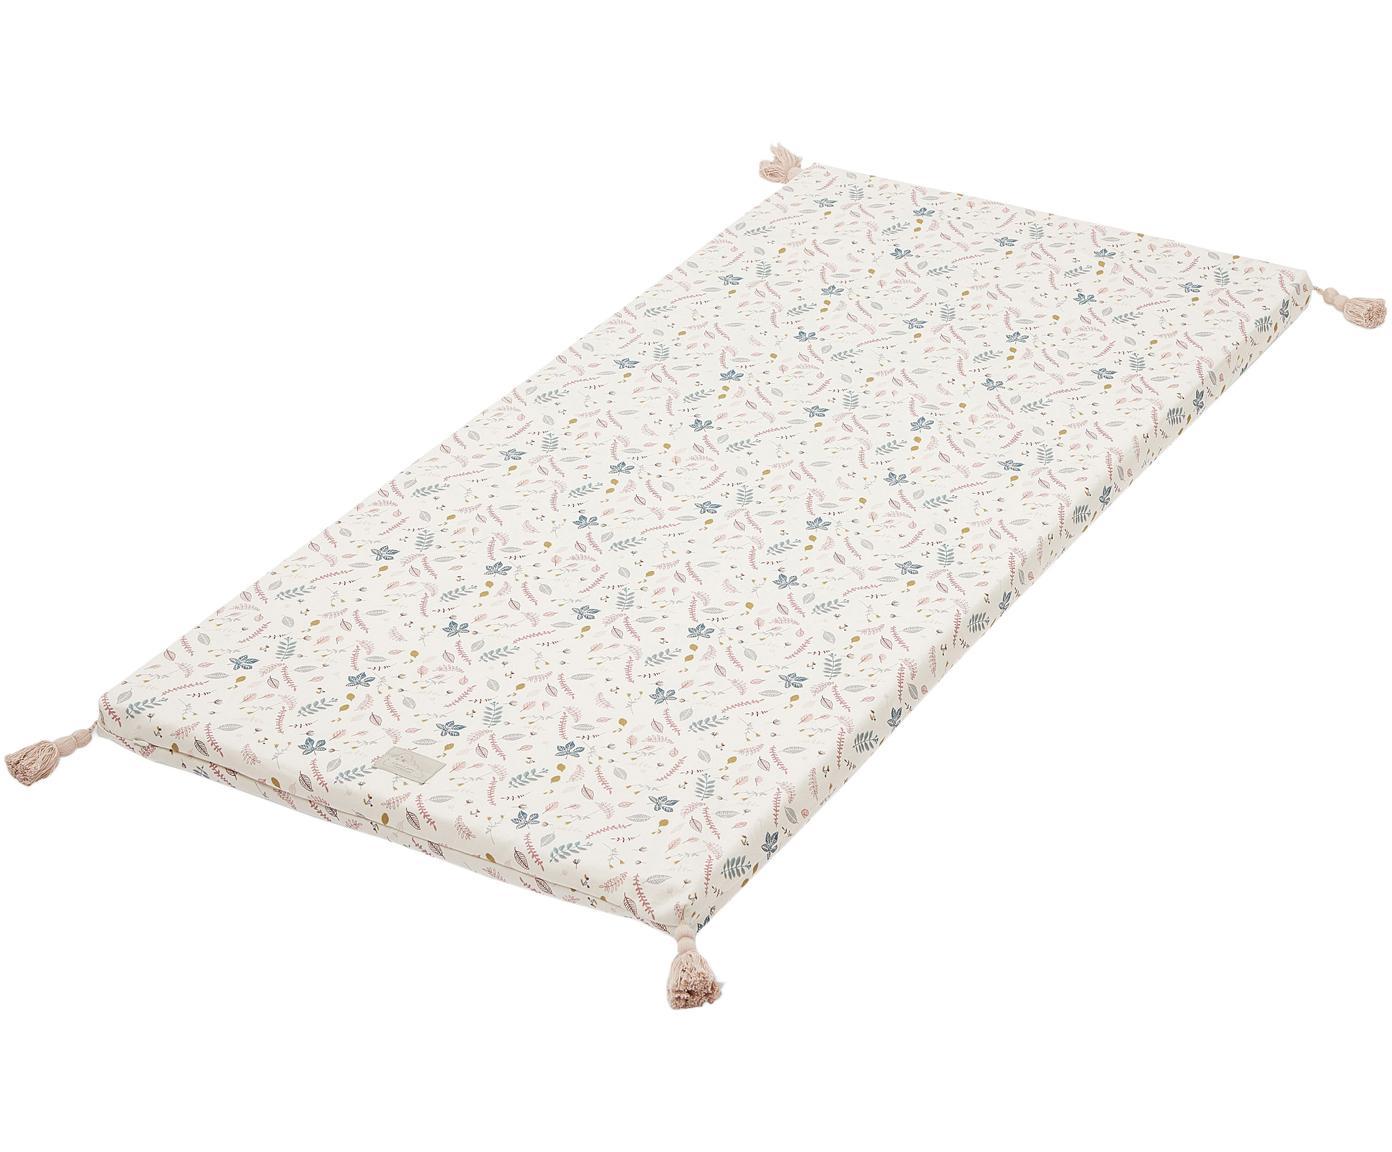 Alfombra de juegos Pressed Leaves, Exterior: algodón ecológico, certif, Crema, rosa, azul, gris, amarillo, An 60 x L 120 cm